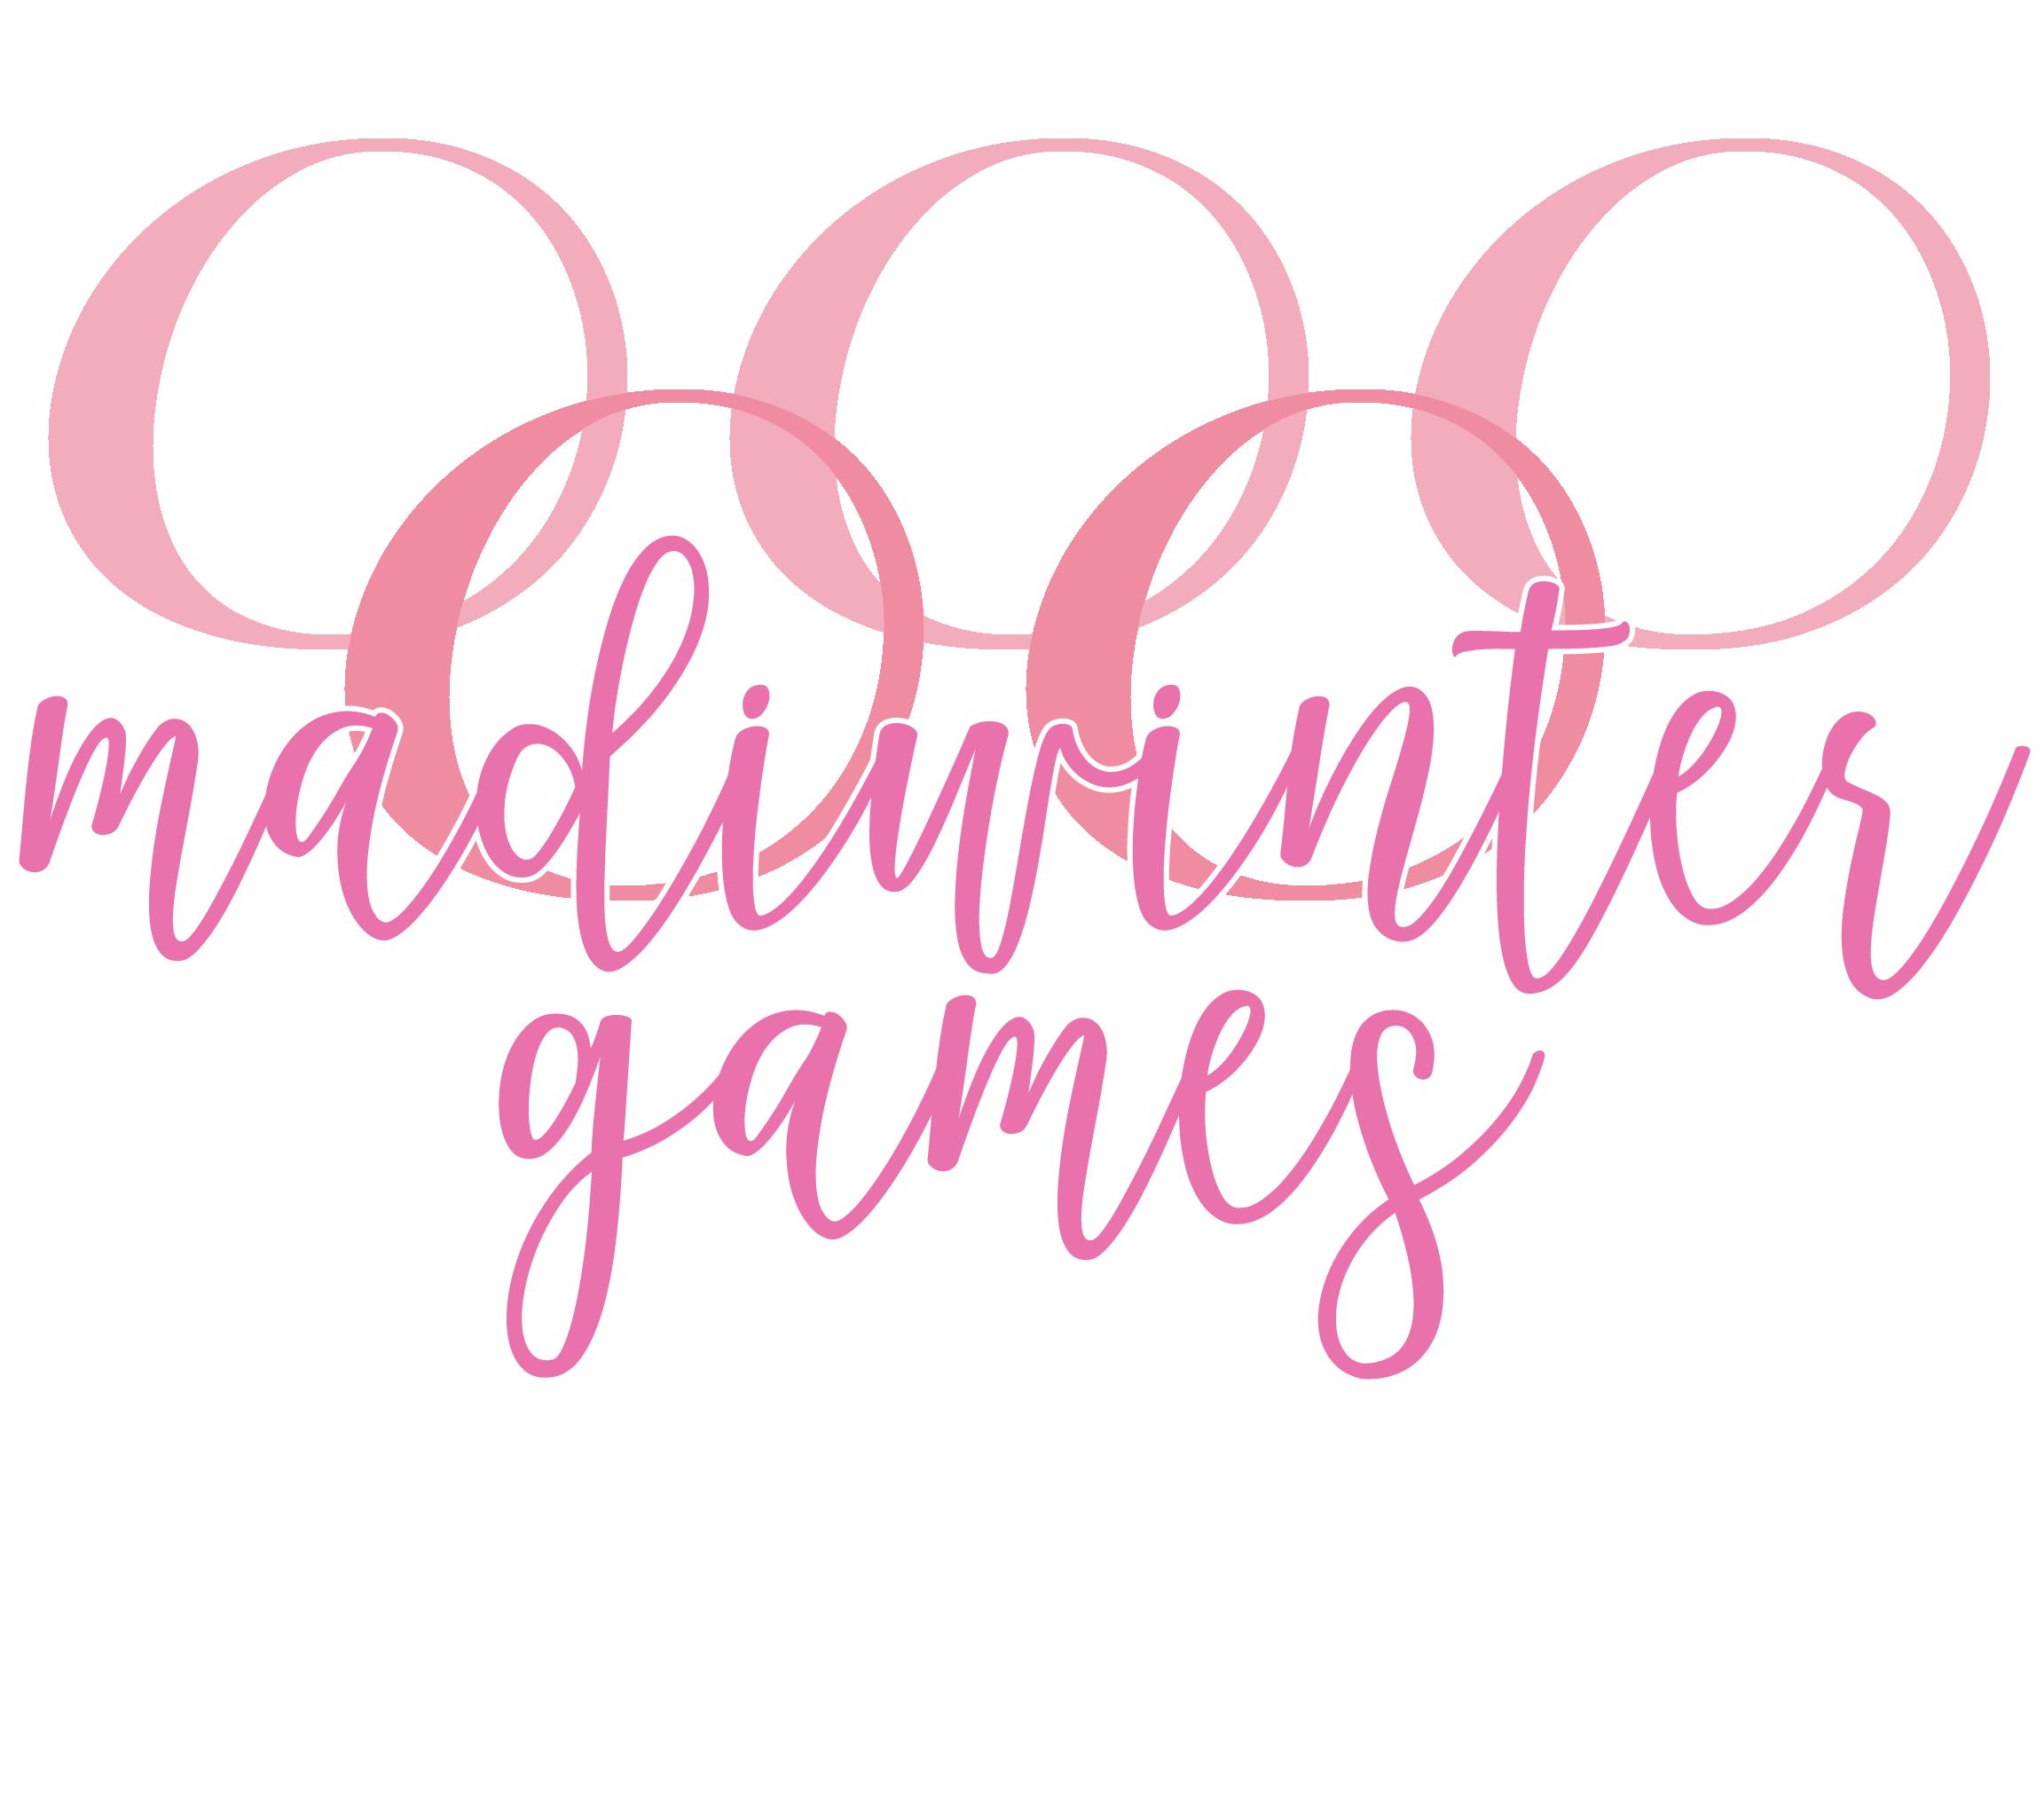 Madi Winter Games Logo .png